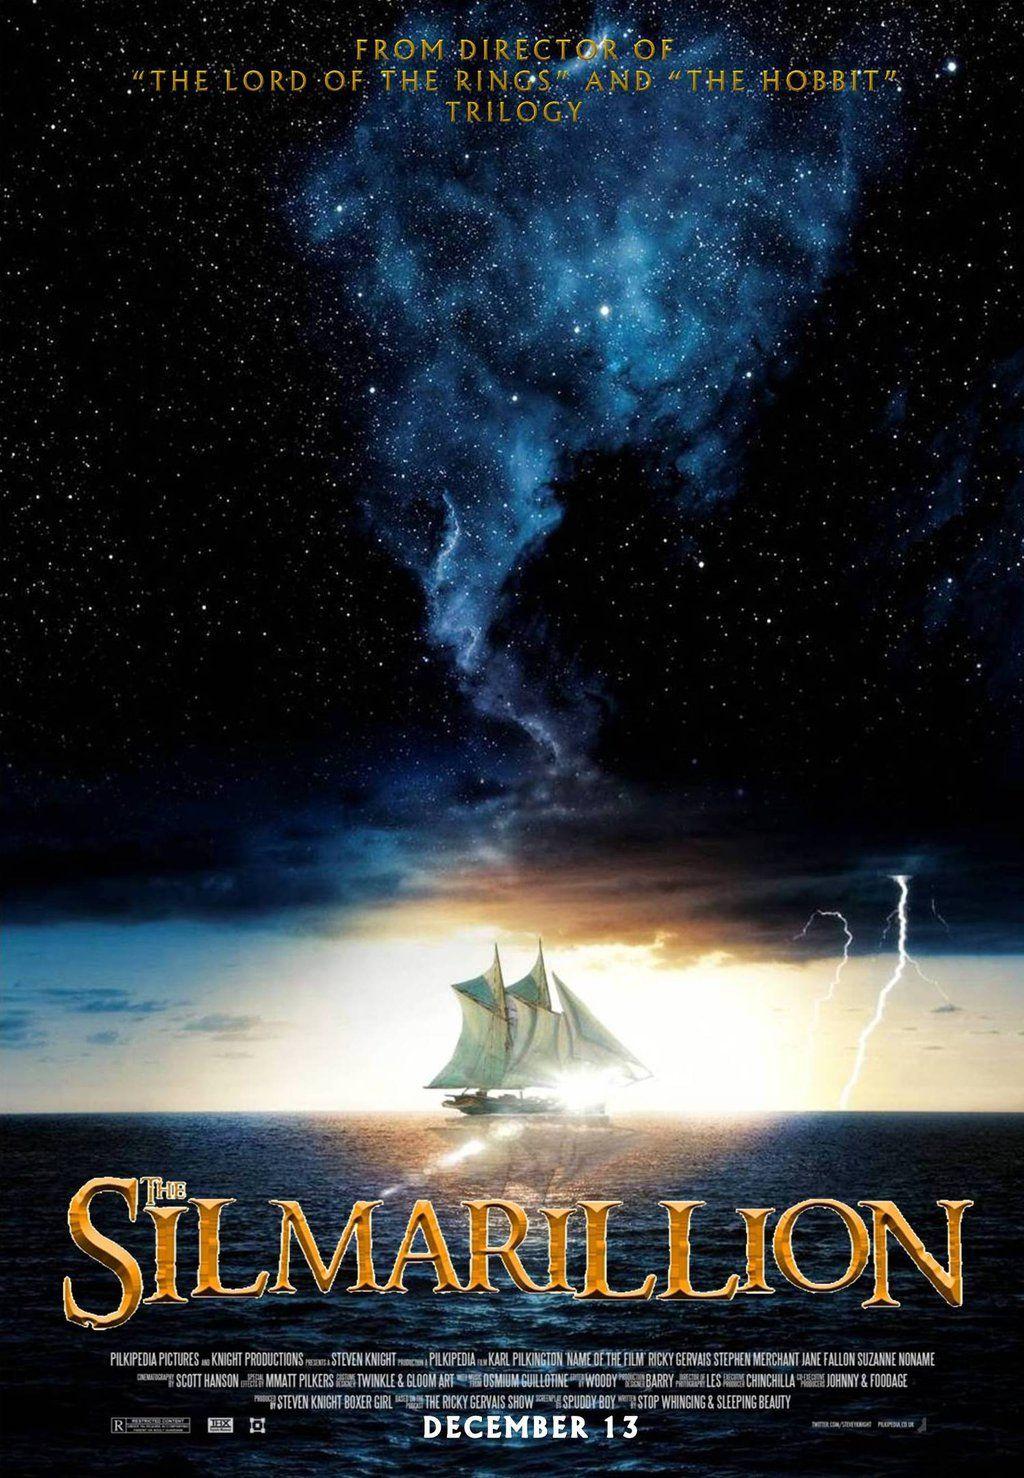 The Silmarillion Film